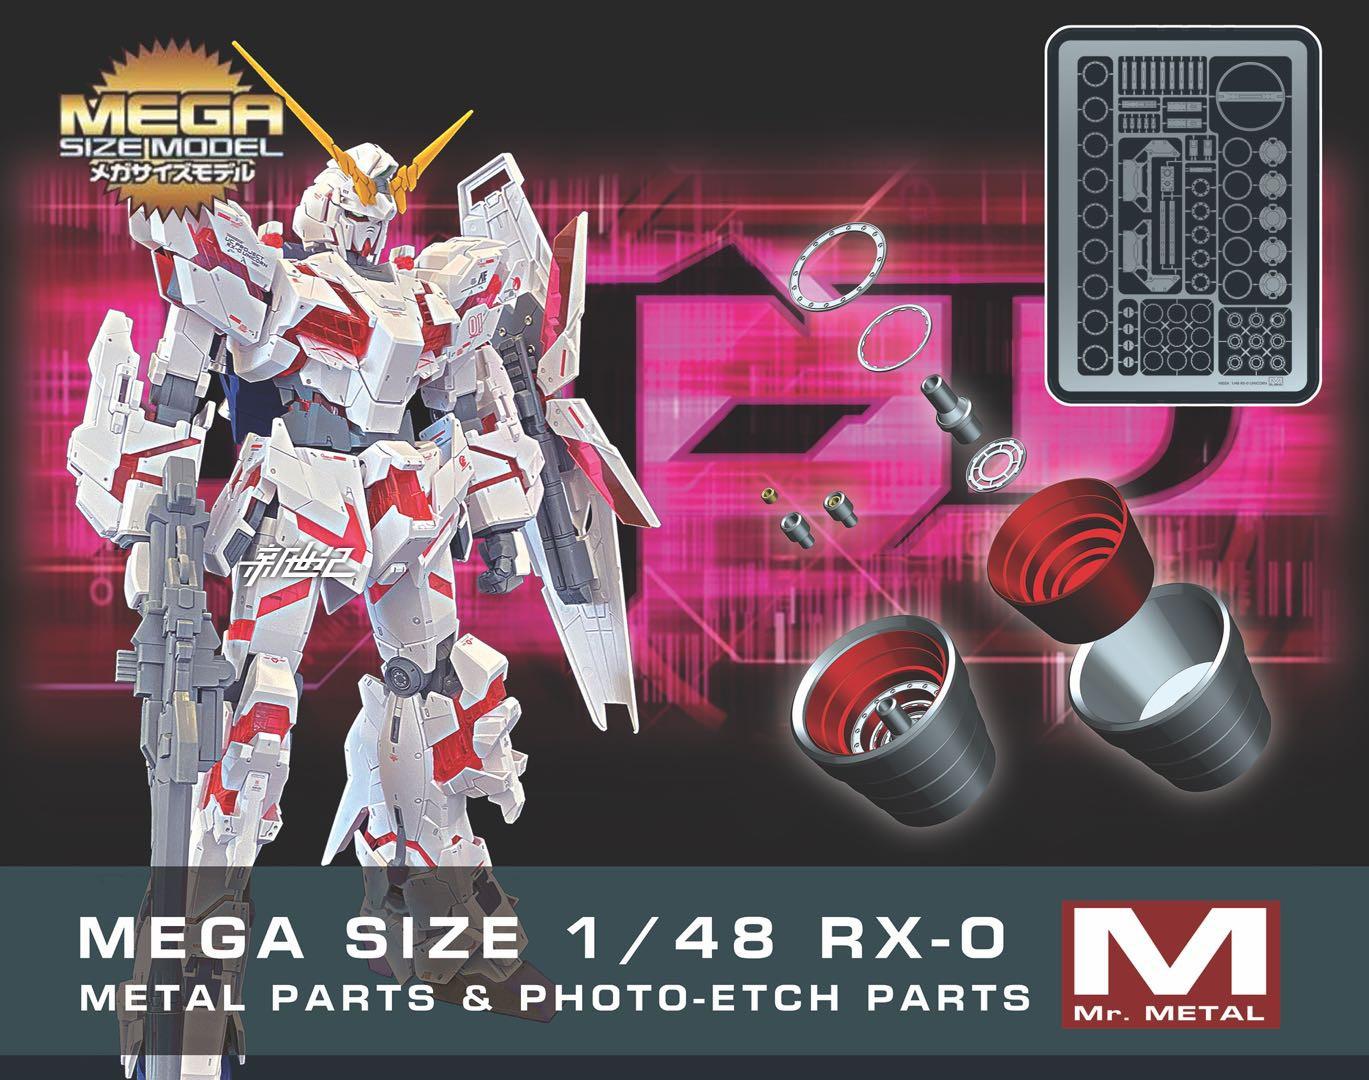 M149_Mr_METAL_mega_unicorn_metalparts_002.jpg